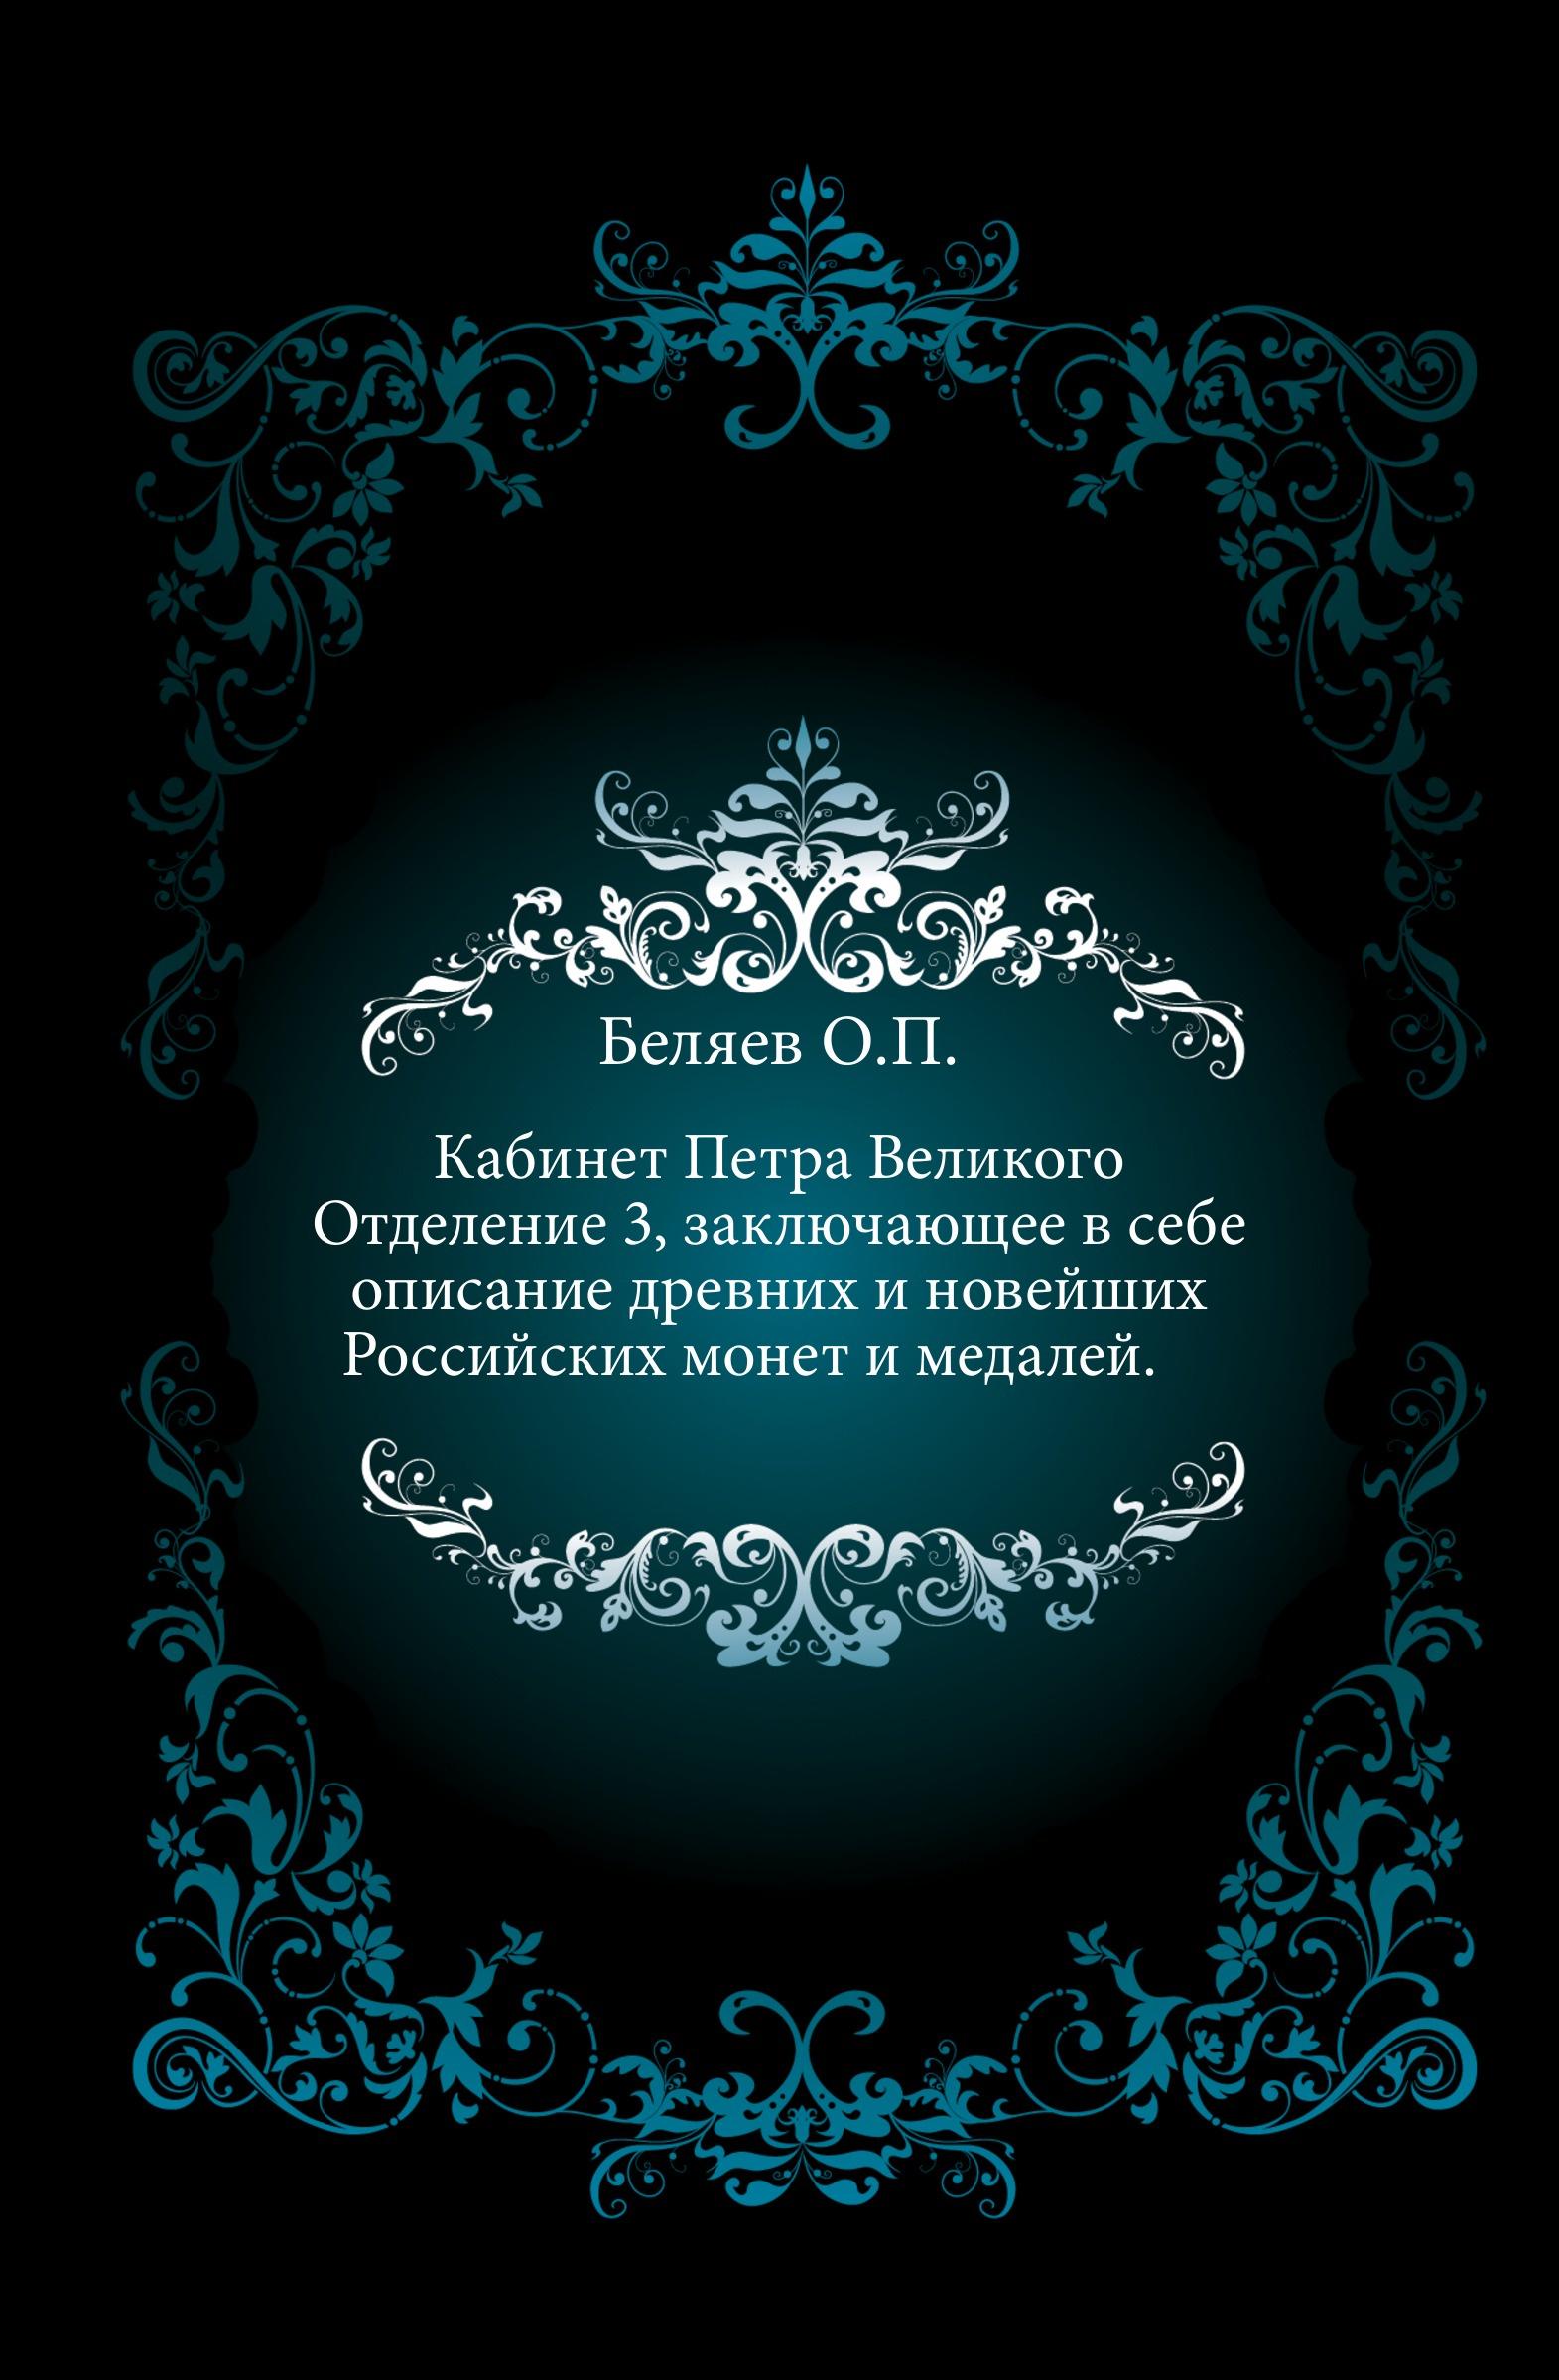 О.П. Беляев Кабинет Петра Великого. Отделение 3.